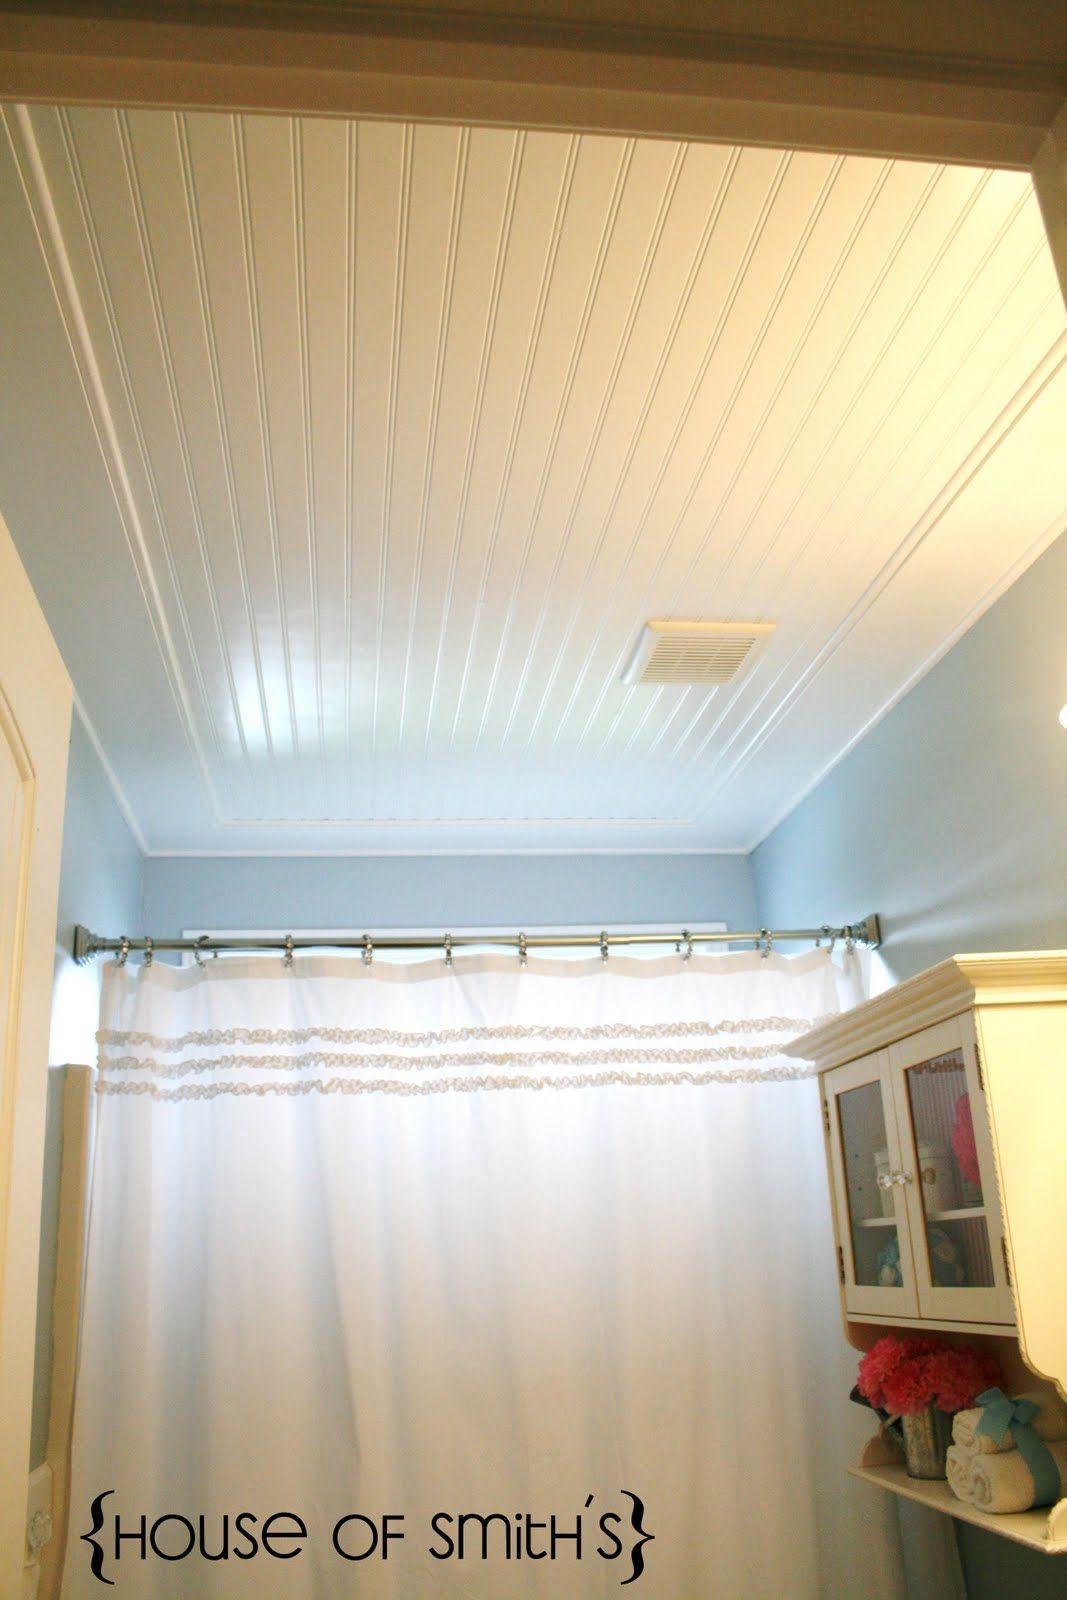 beadboard ceiling in bathroom in 2019 beautiful home sweet home rh pinterest com vinyl beadboard ceiling in bathroom